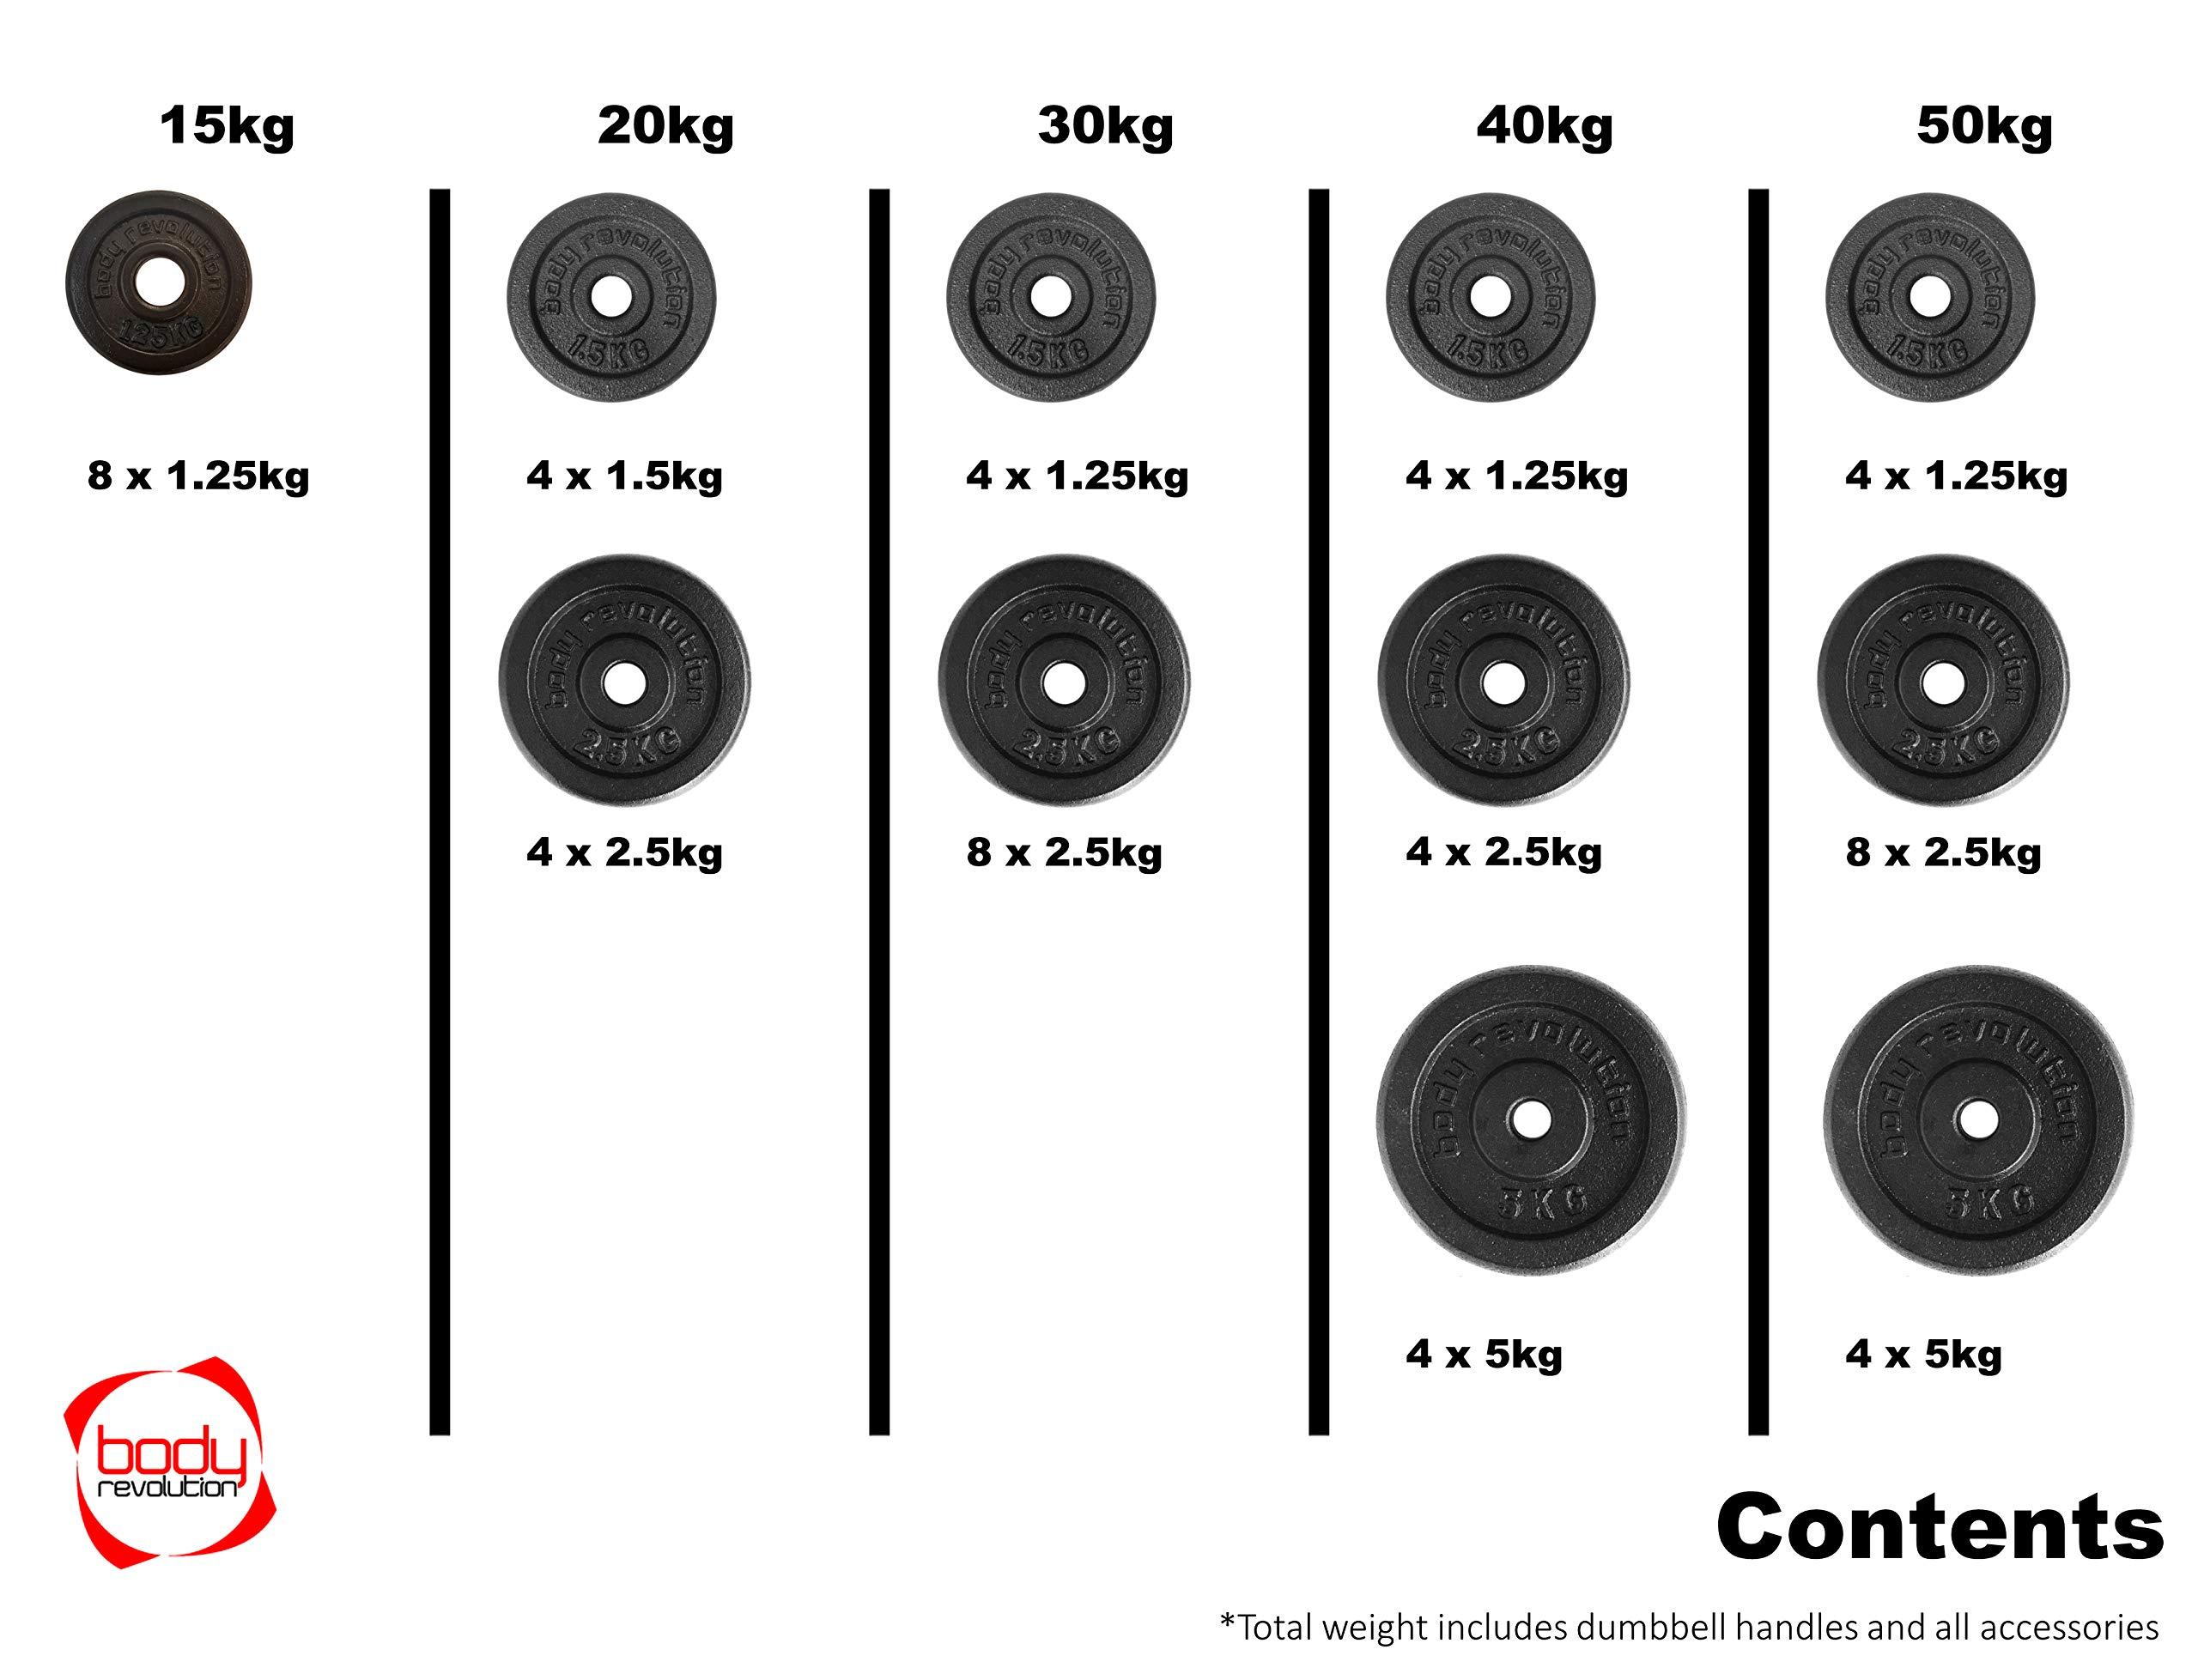 Body Revolution Dumbbell Set Cast Iron Dumbells 15kg 20kg 30kg 40kg 50kg Adjustable Dumbbell Weights